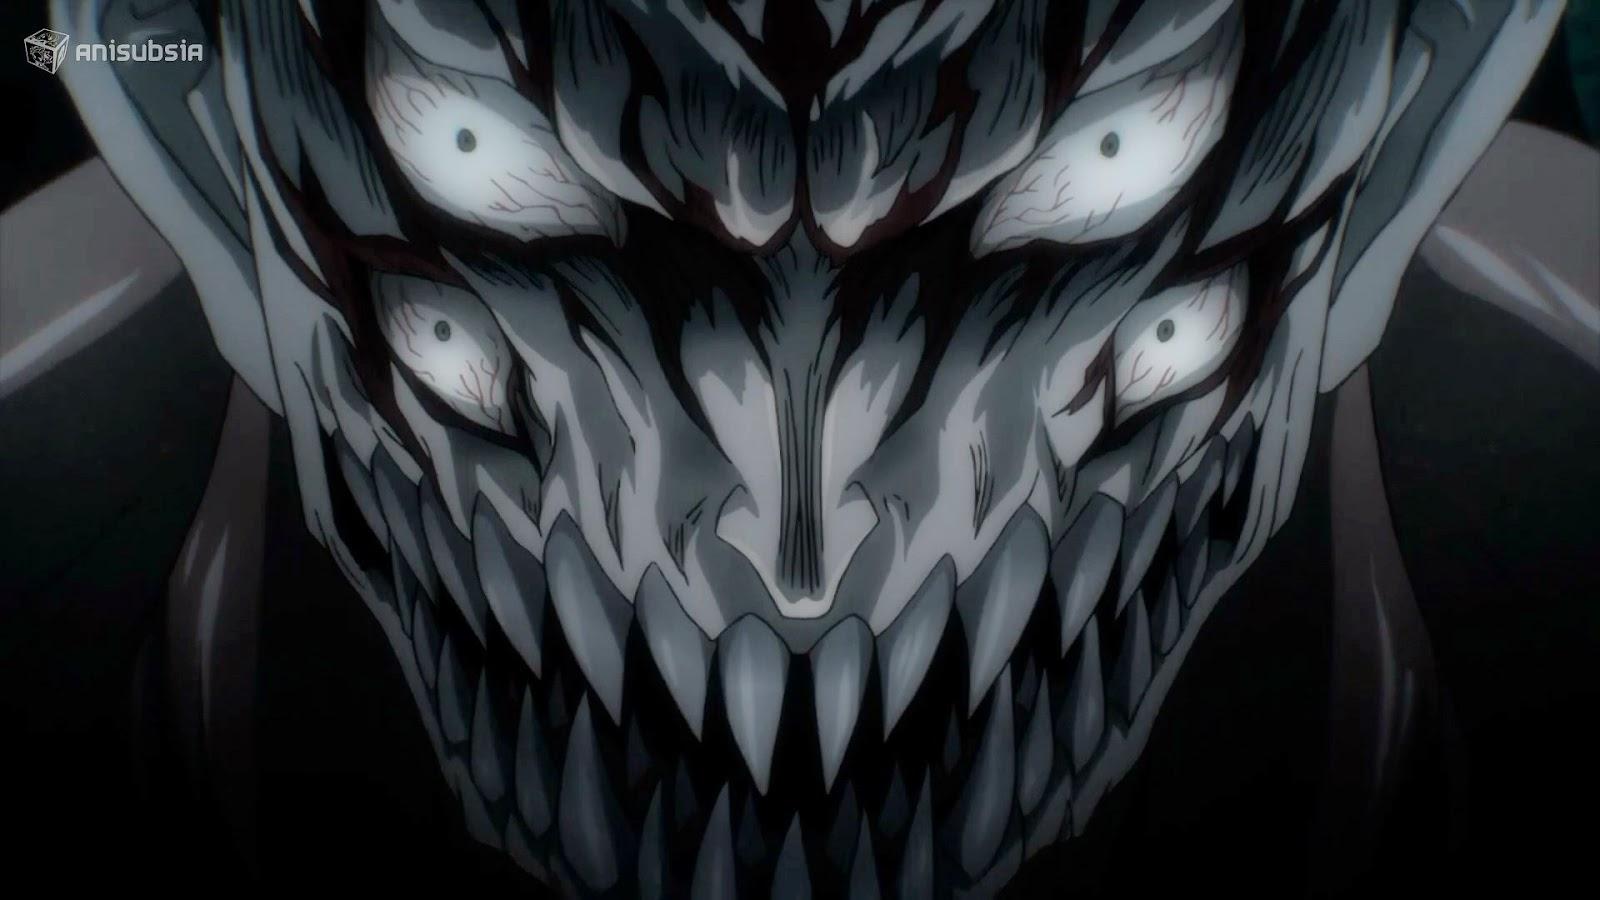 Anime Ini Merupakan Horor Gore Yang Tayang Di Tahun 2014 Saat Itu Paling Populer